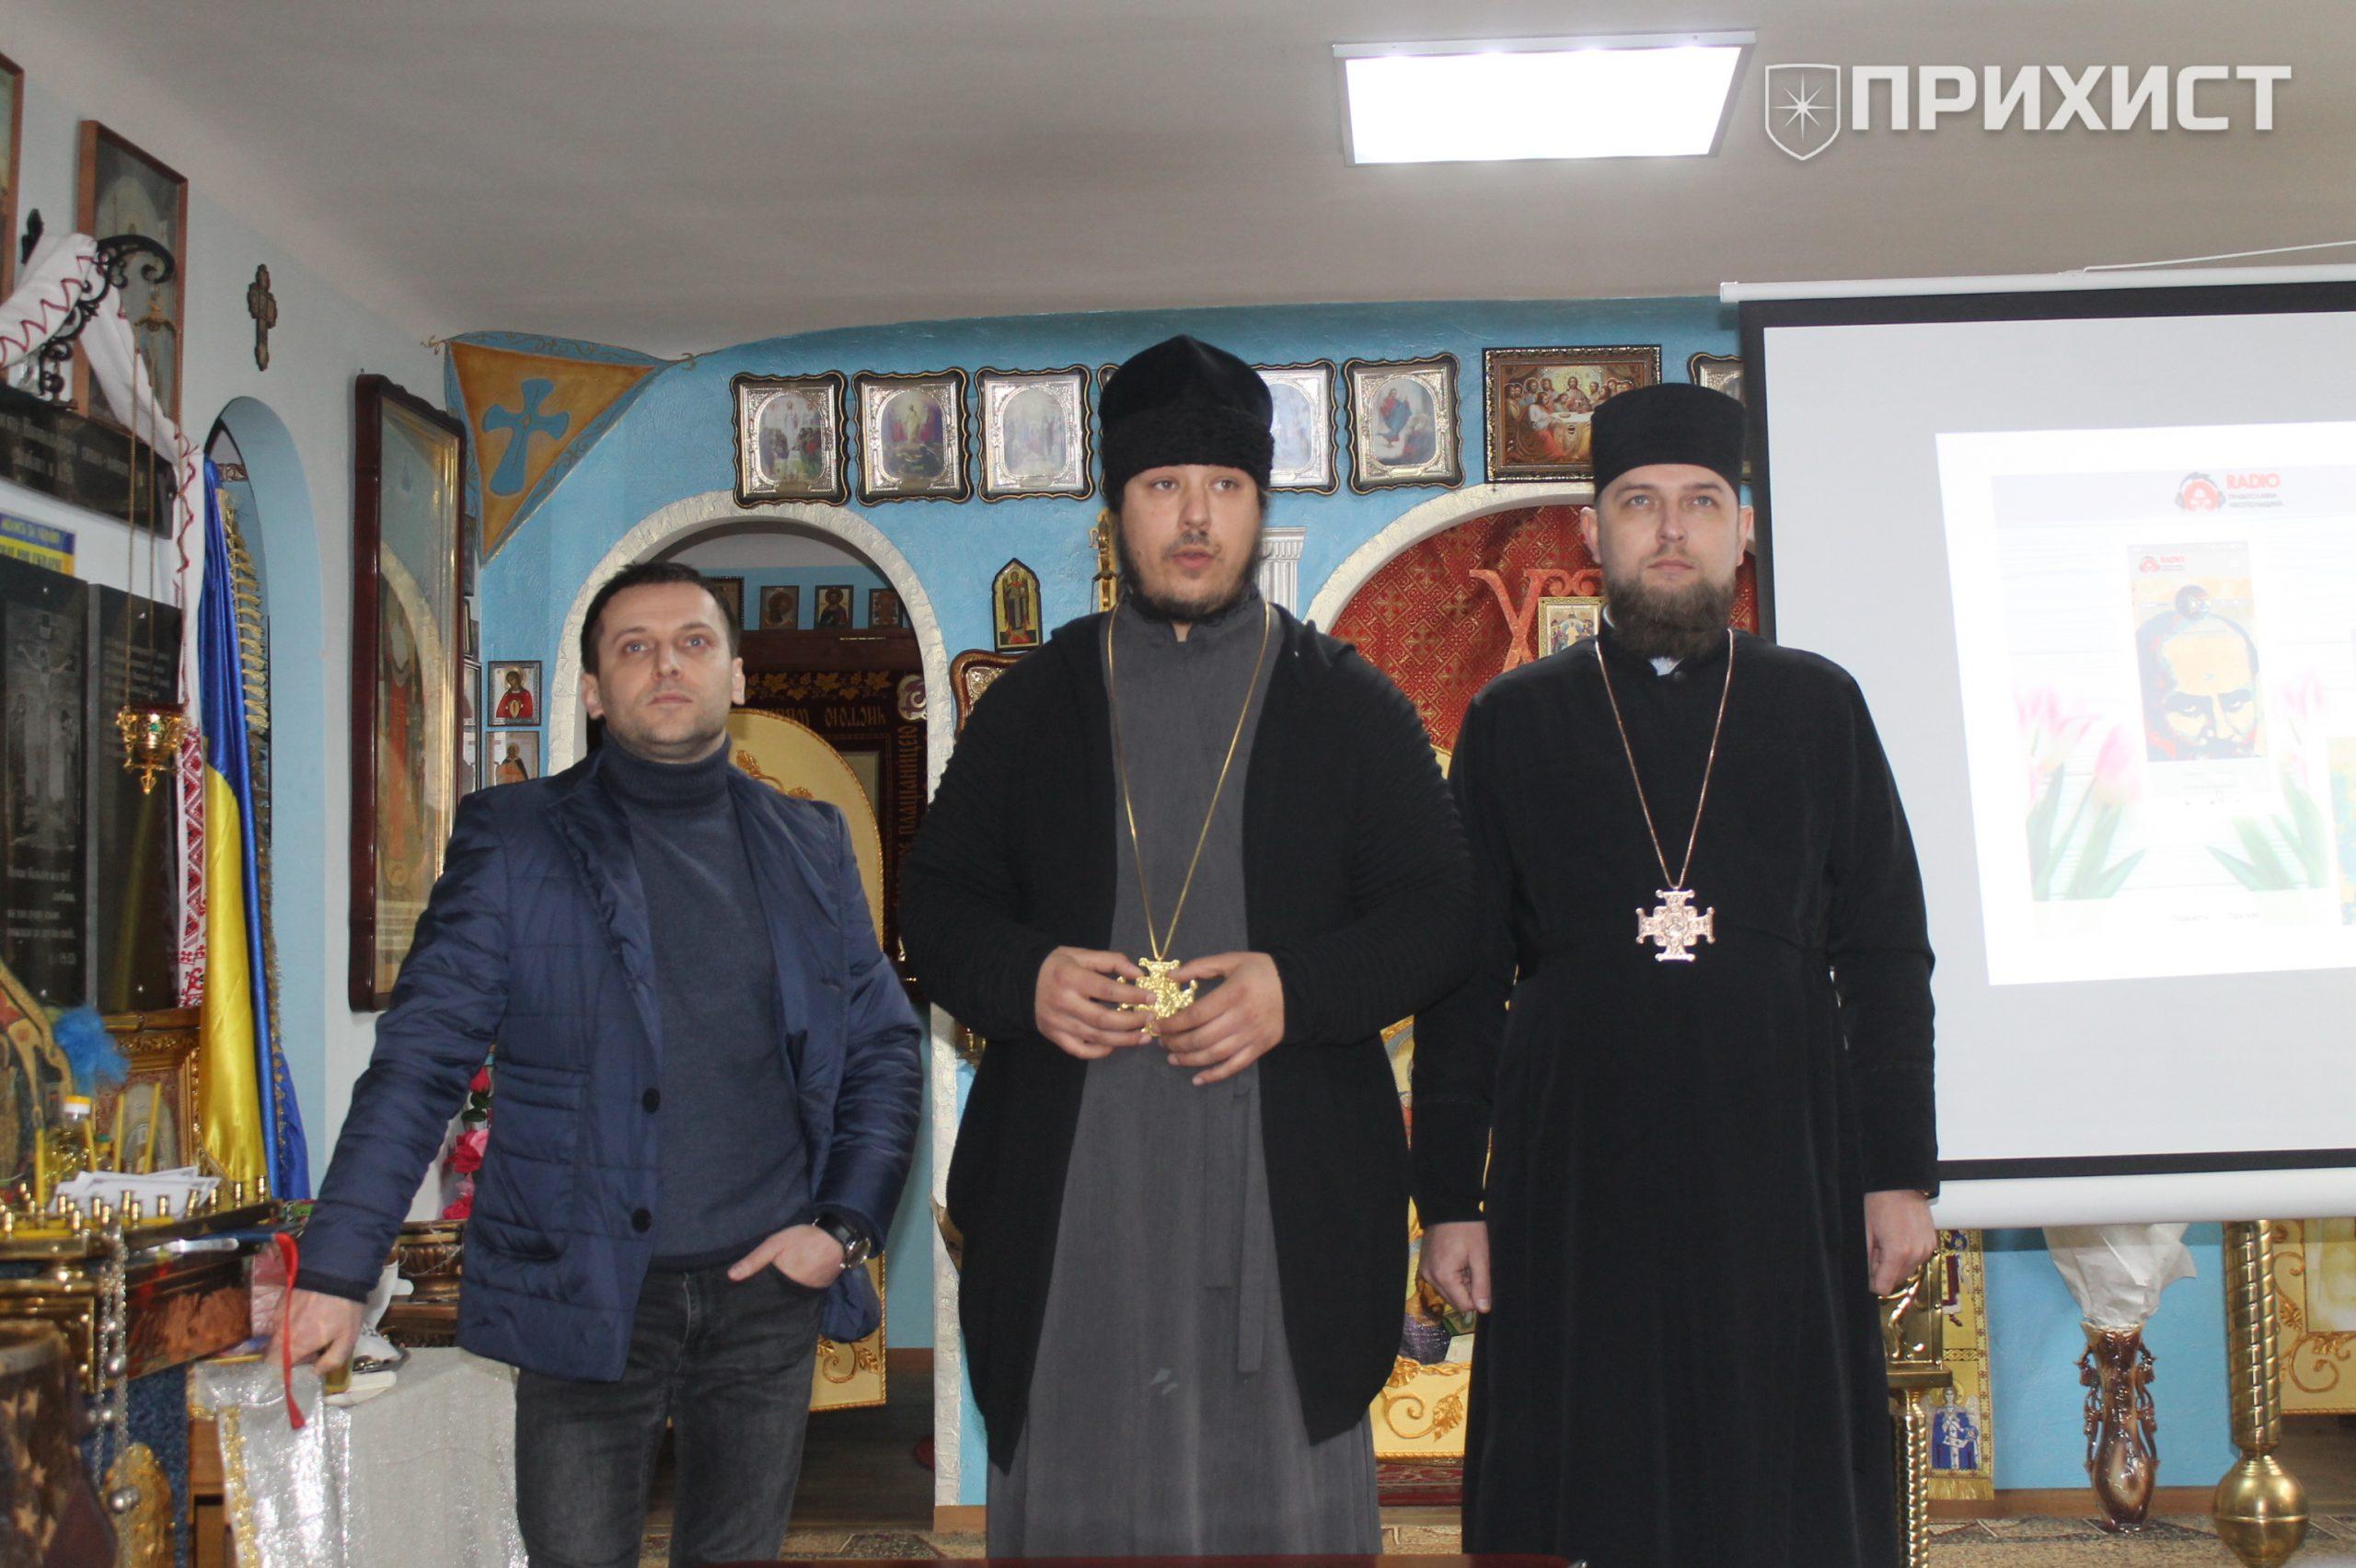 ПЦУ презентувала інтернет-радіо «Православна Нікопольщина» | Прихист